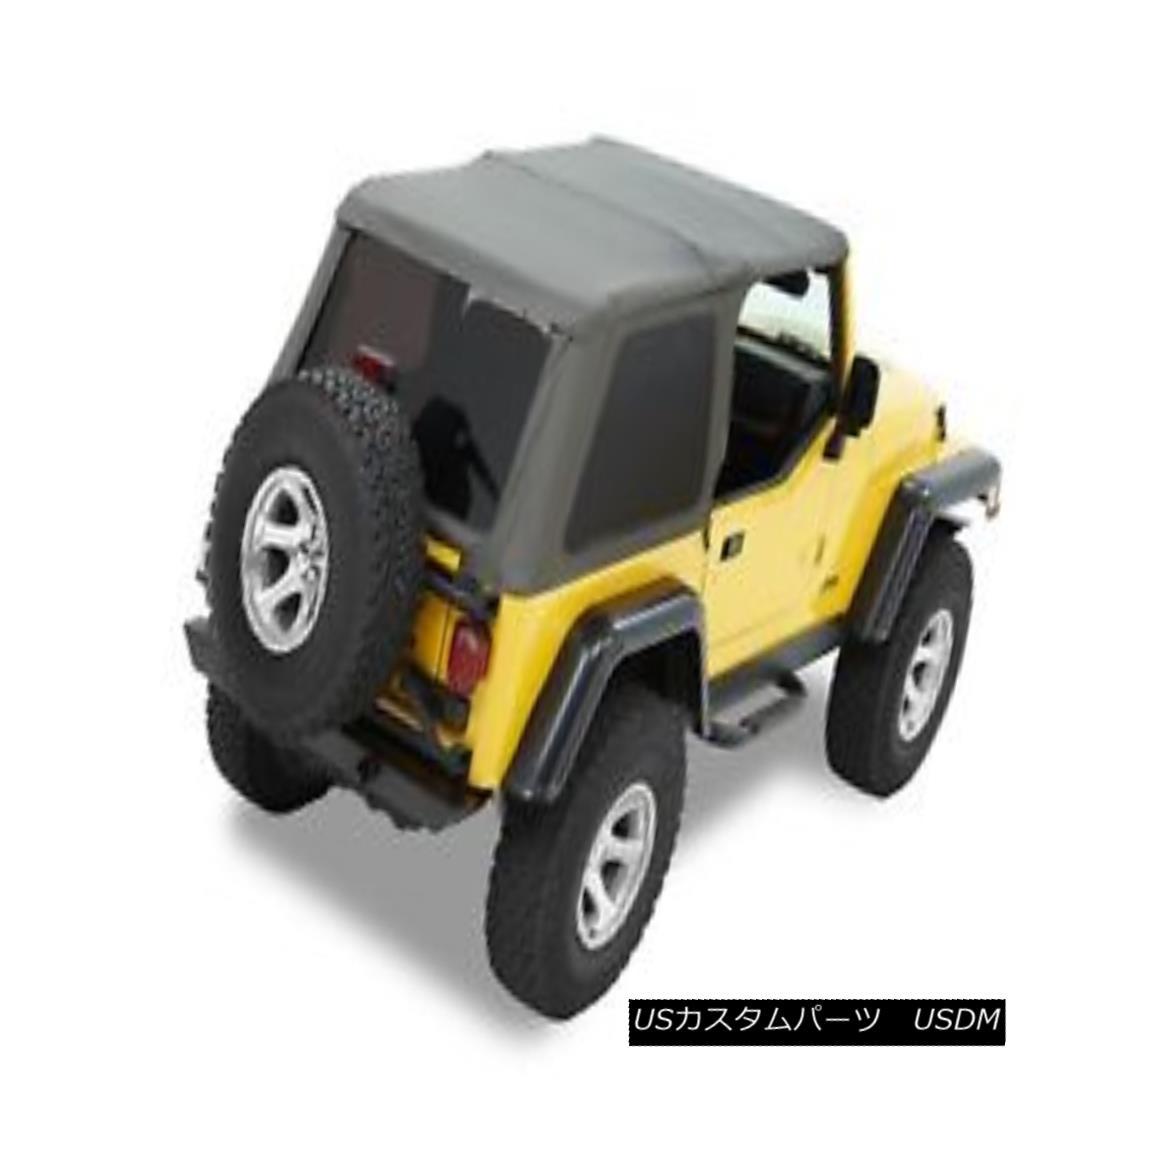 幌・ソフトトップ Bestop 56820-35 Jeep Trektop NX Complete Replacement Soft Top Black Diamond Bestop 56820-35 Jeep Trektop NX完全交換用ソフトトップブラックダイヤモンド